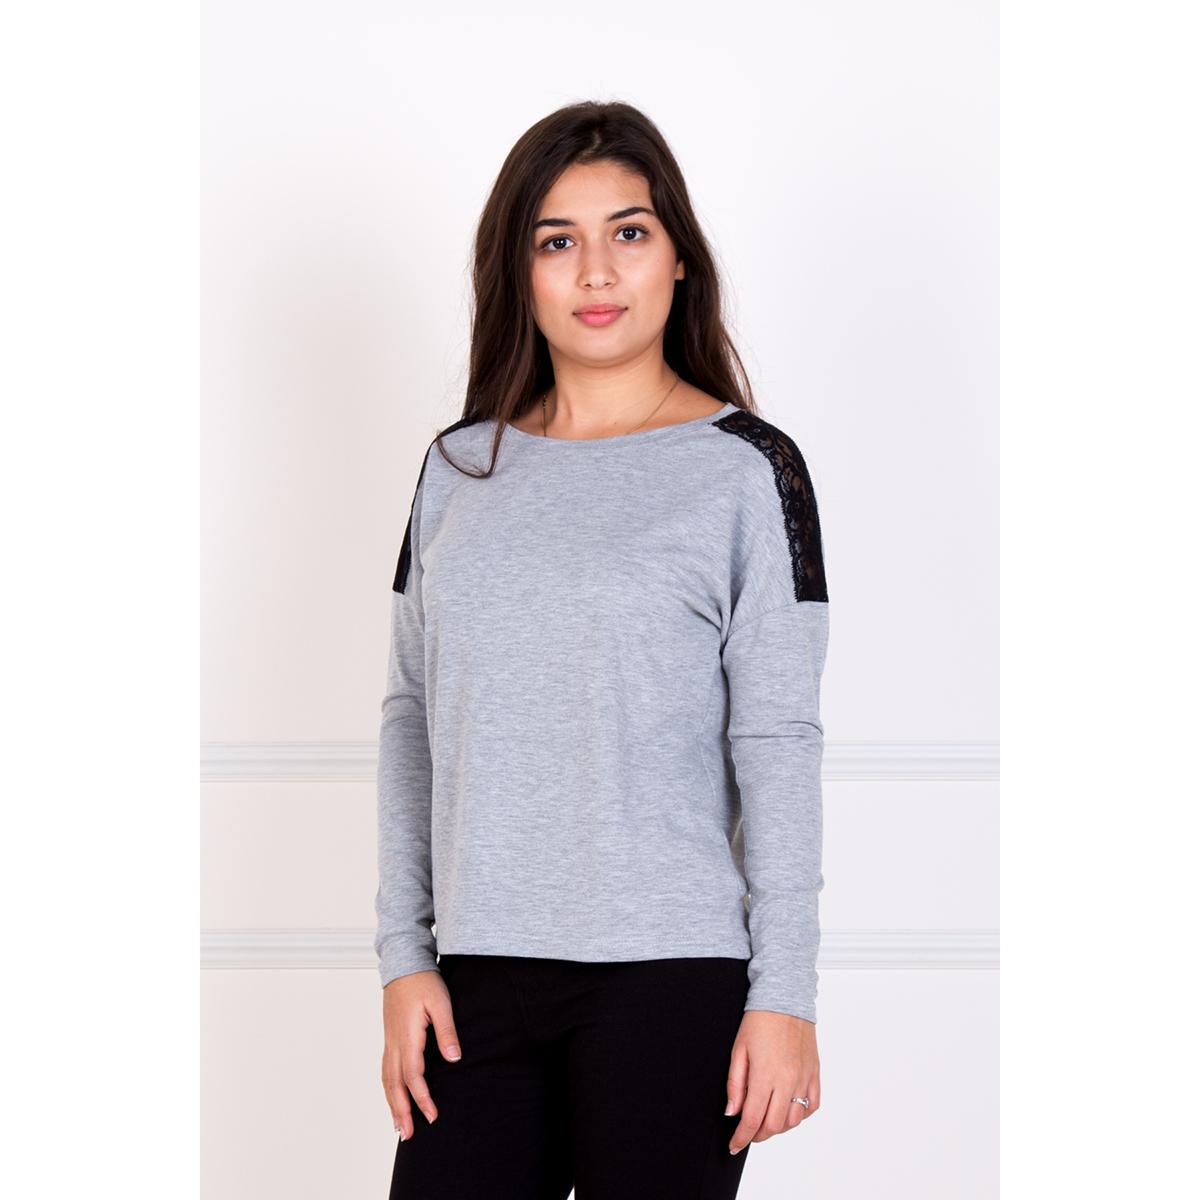 Женская блуза Рива, размер 52Блузки, майки, кофты<br>Обхват груди:104 см<br>Обхват талии:85 см<br>Обхват бедер:112 см<br>Рост:167 см<br><br>Тип: Жен. блуза<br>Размер: 52<br>Материал: Хамур